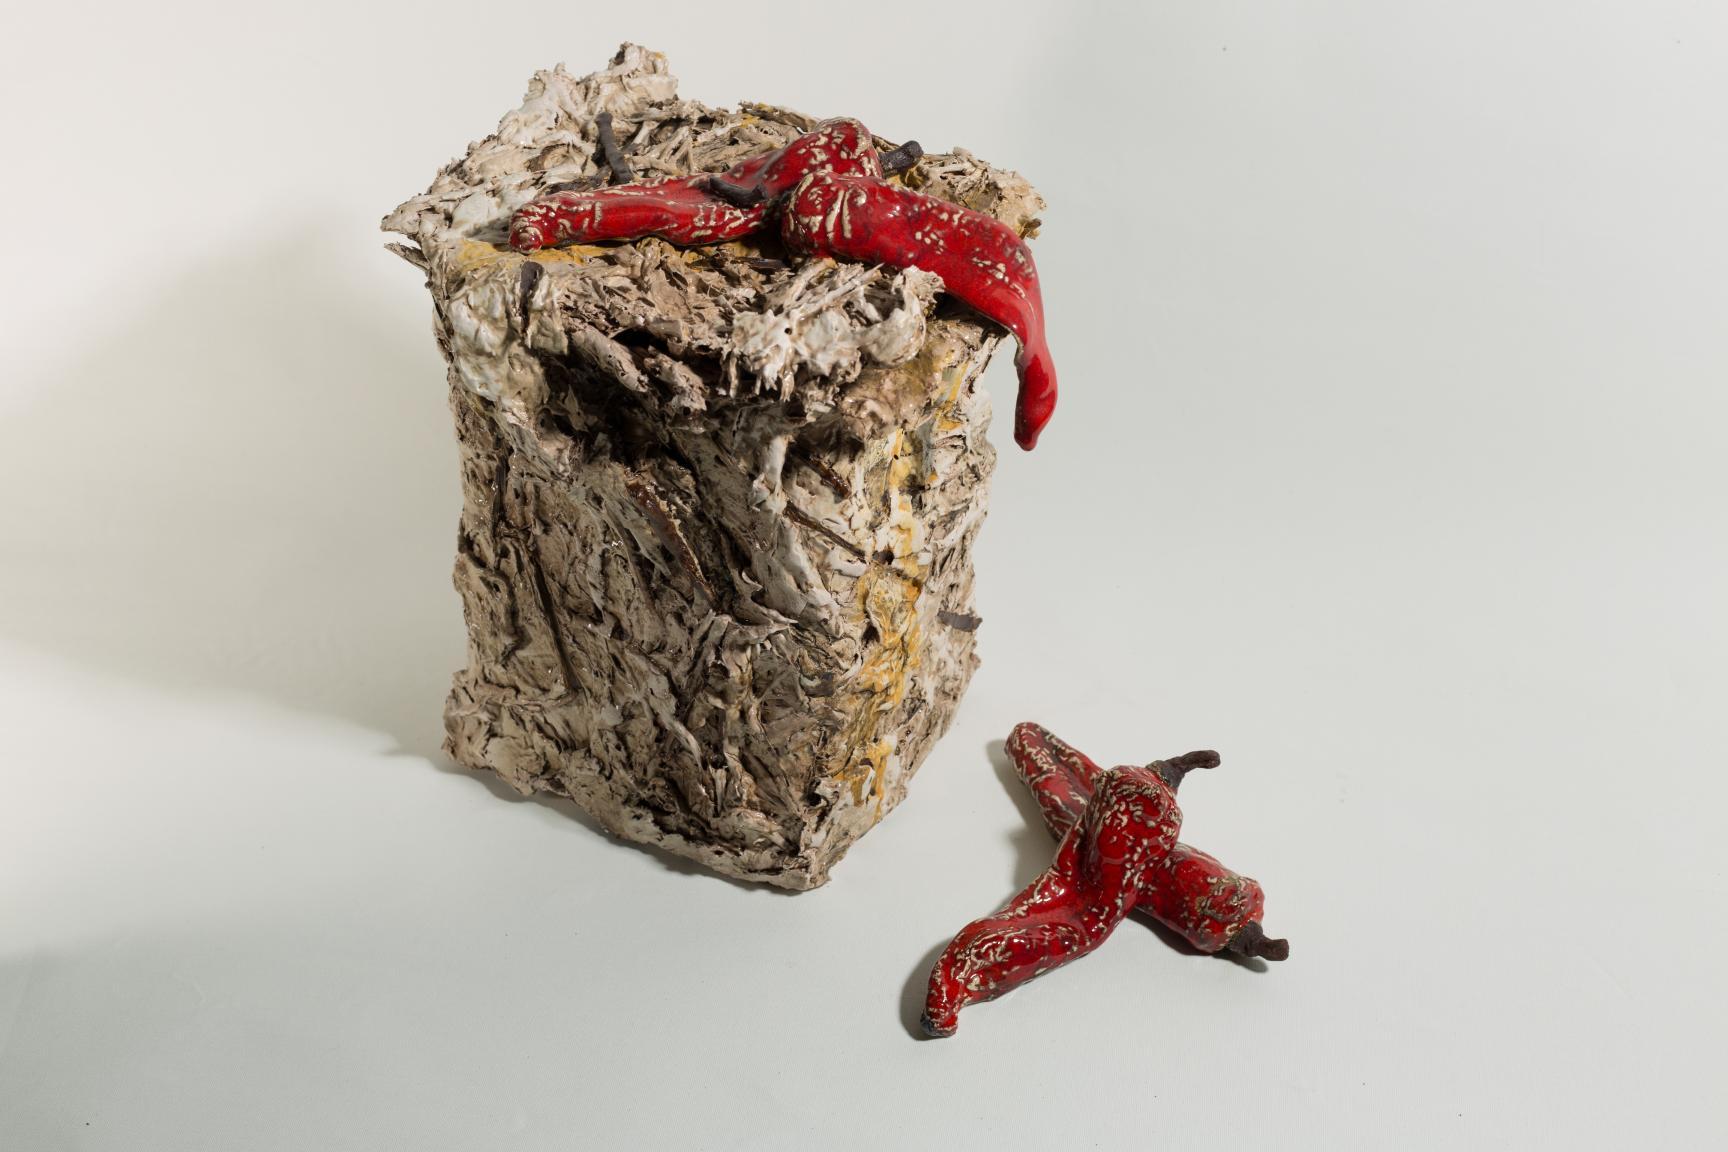 CAIXA MORTA PEBRERES (2014) - Juan Ramón Cortés